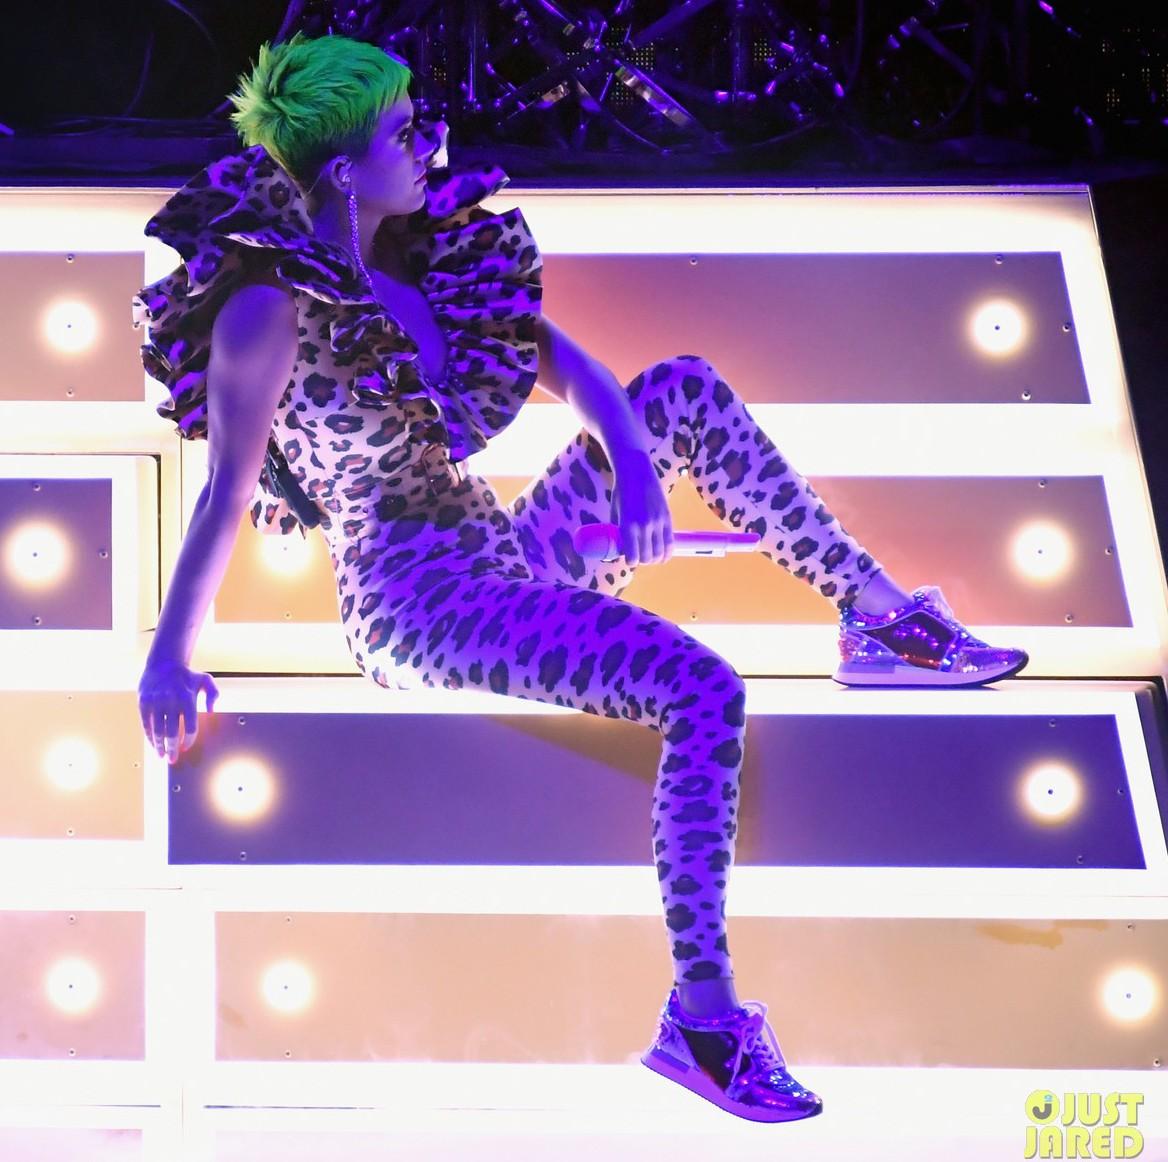 Katy Perry khoe tóc xanh như tàu lá chuối, nhưng điều đáng chú ý hơn là bộ đồ diễn từ NTK Công Trí - Ảnh 2.